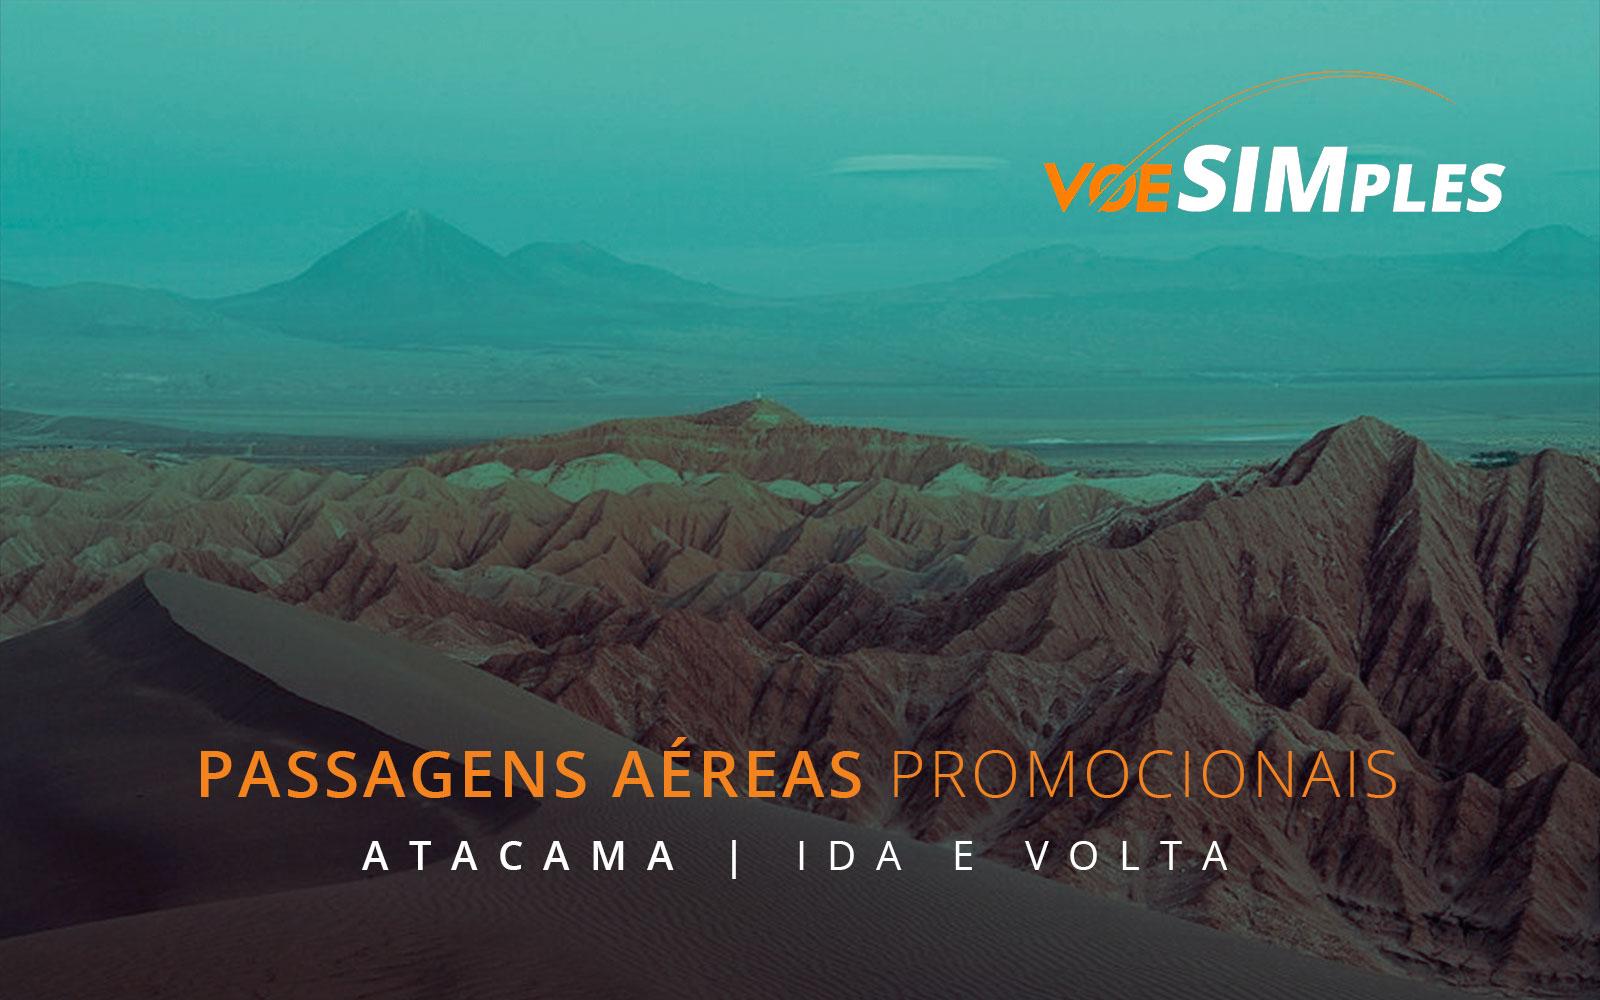 Passagens aéreas promocionais para o Atacama